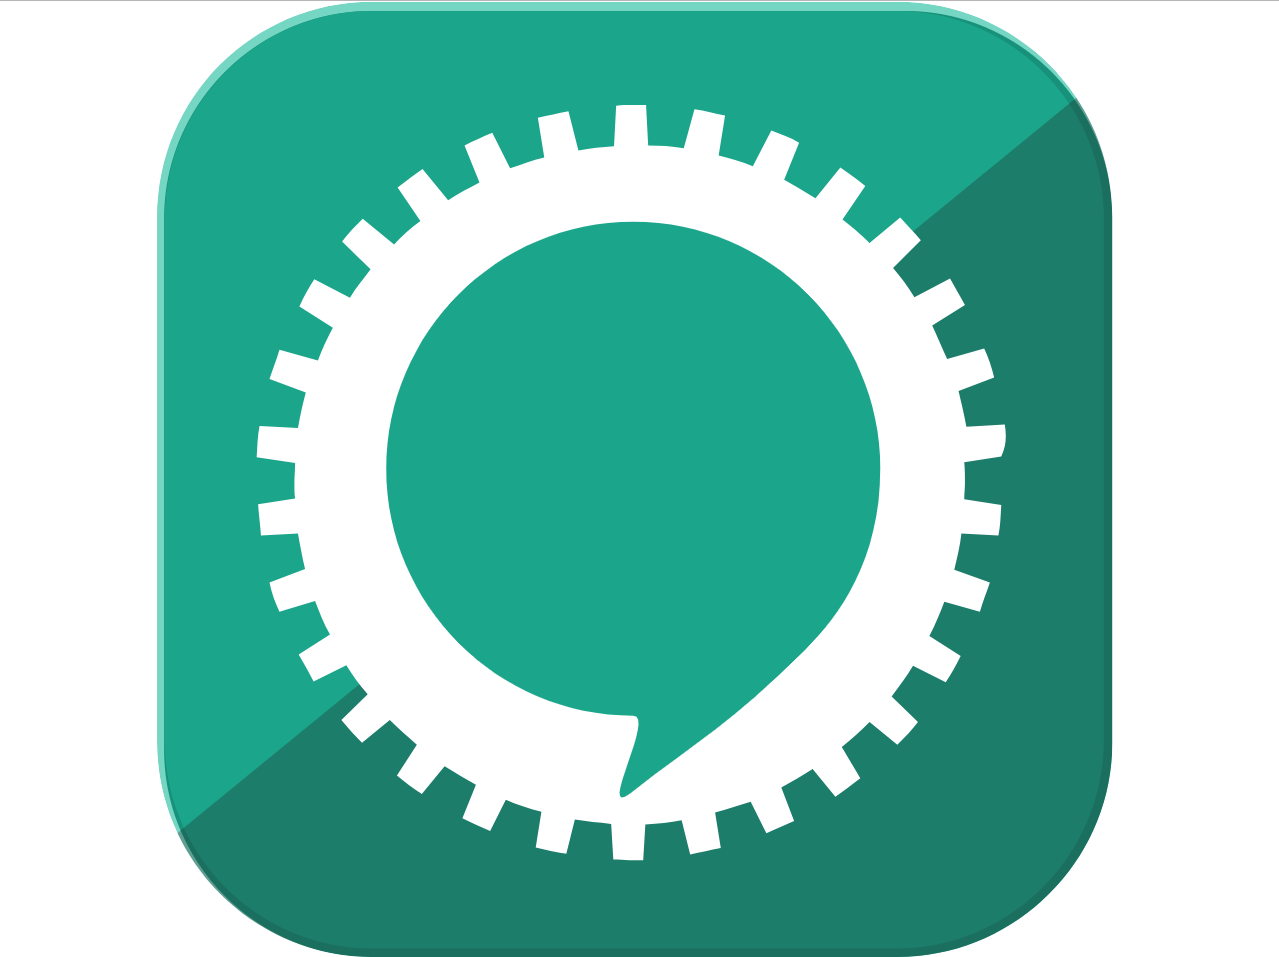 Automatisez gratuitement l'envoi de SMS pour votre application via une API